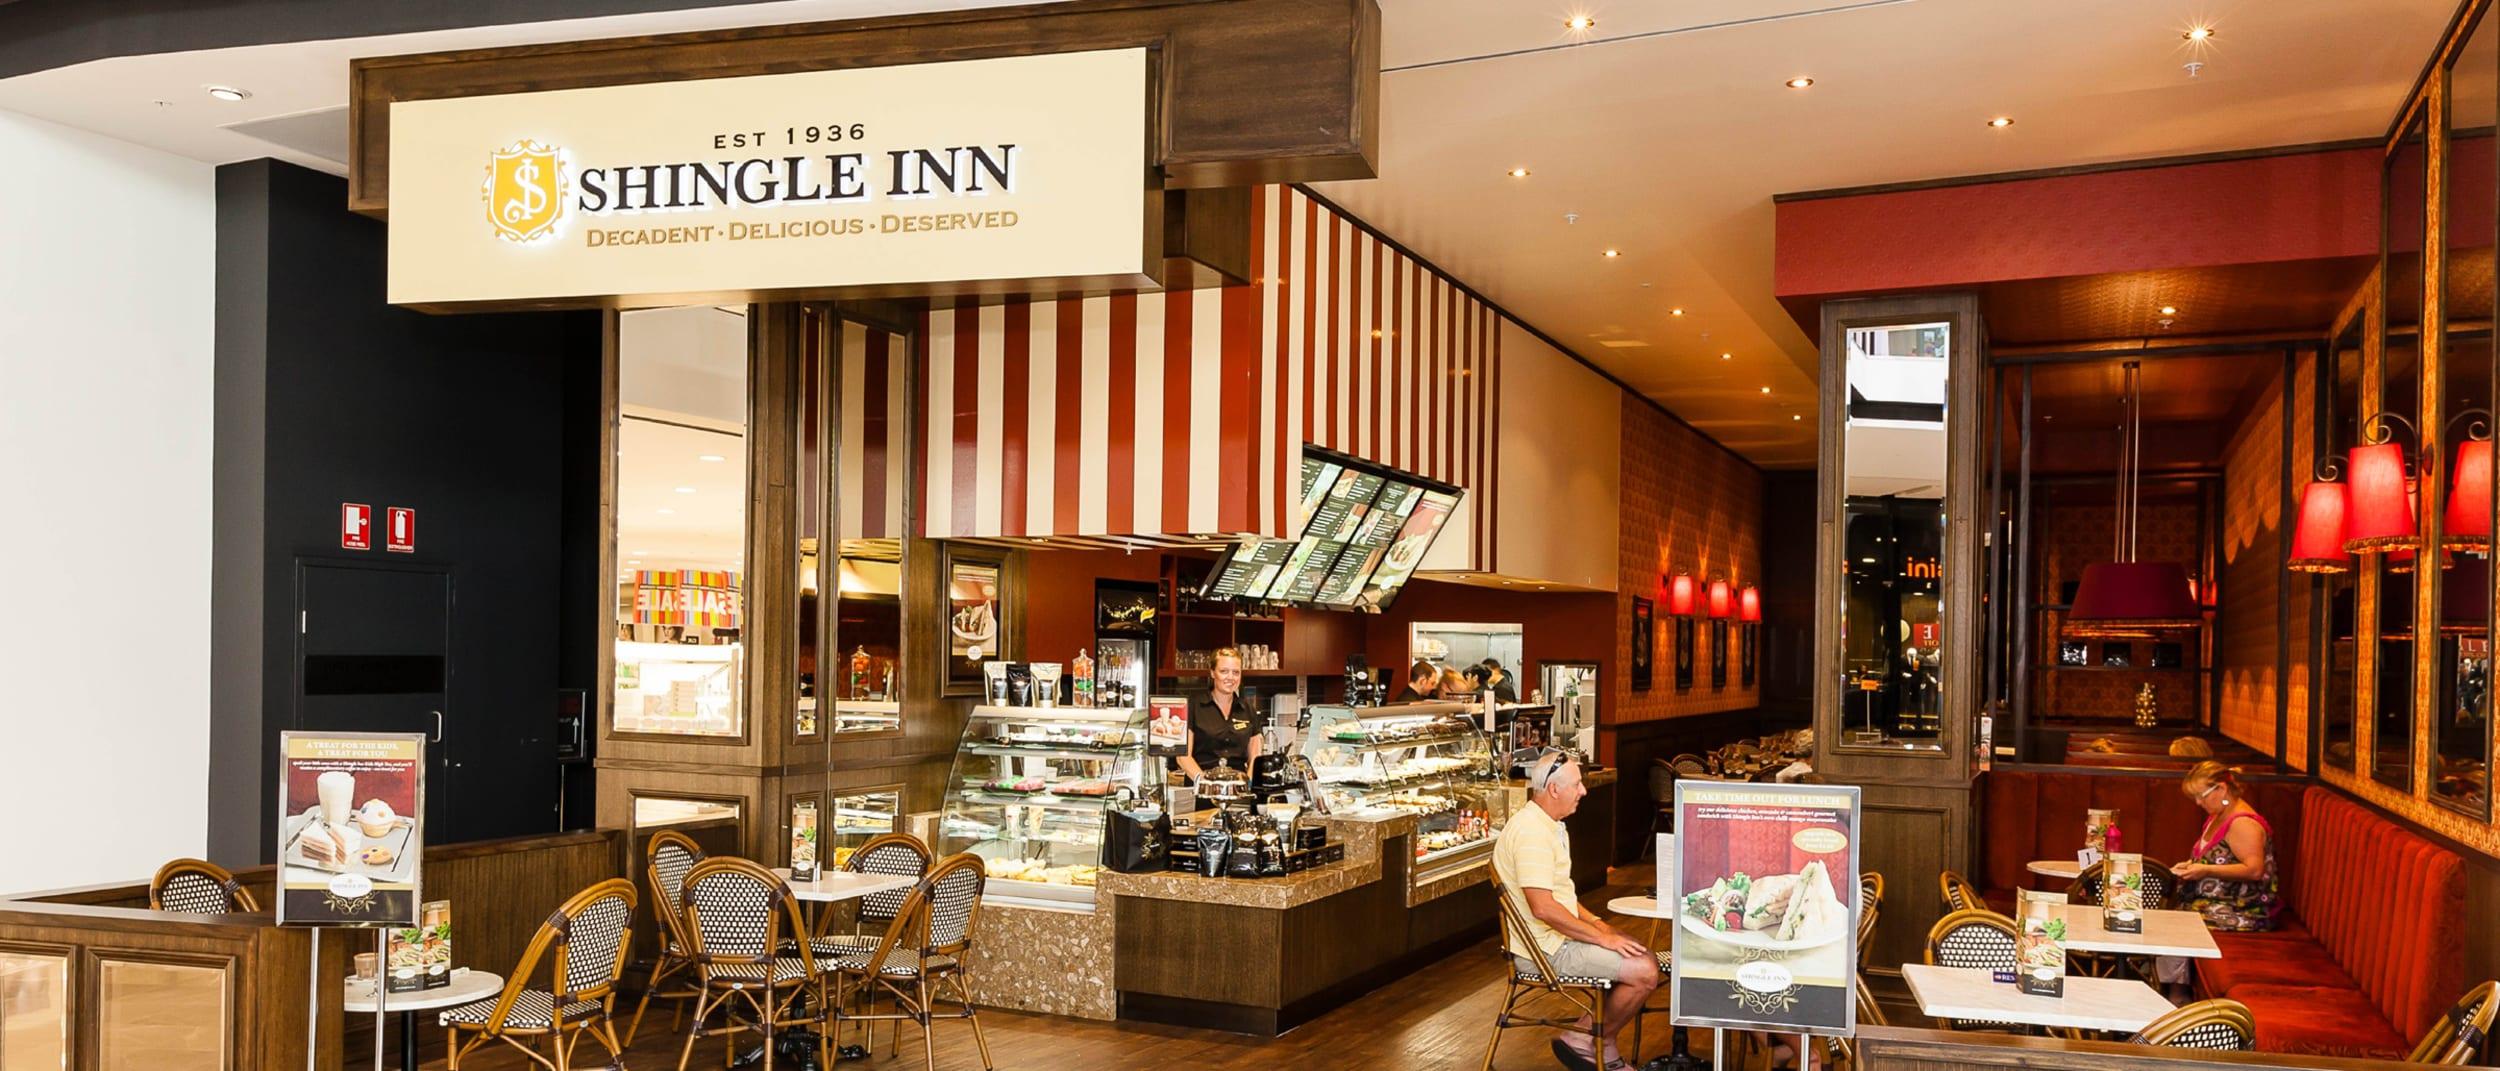 Shingle Inn: under new management